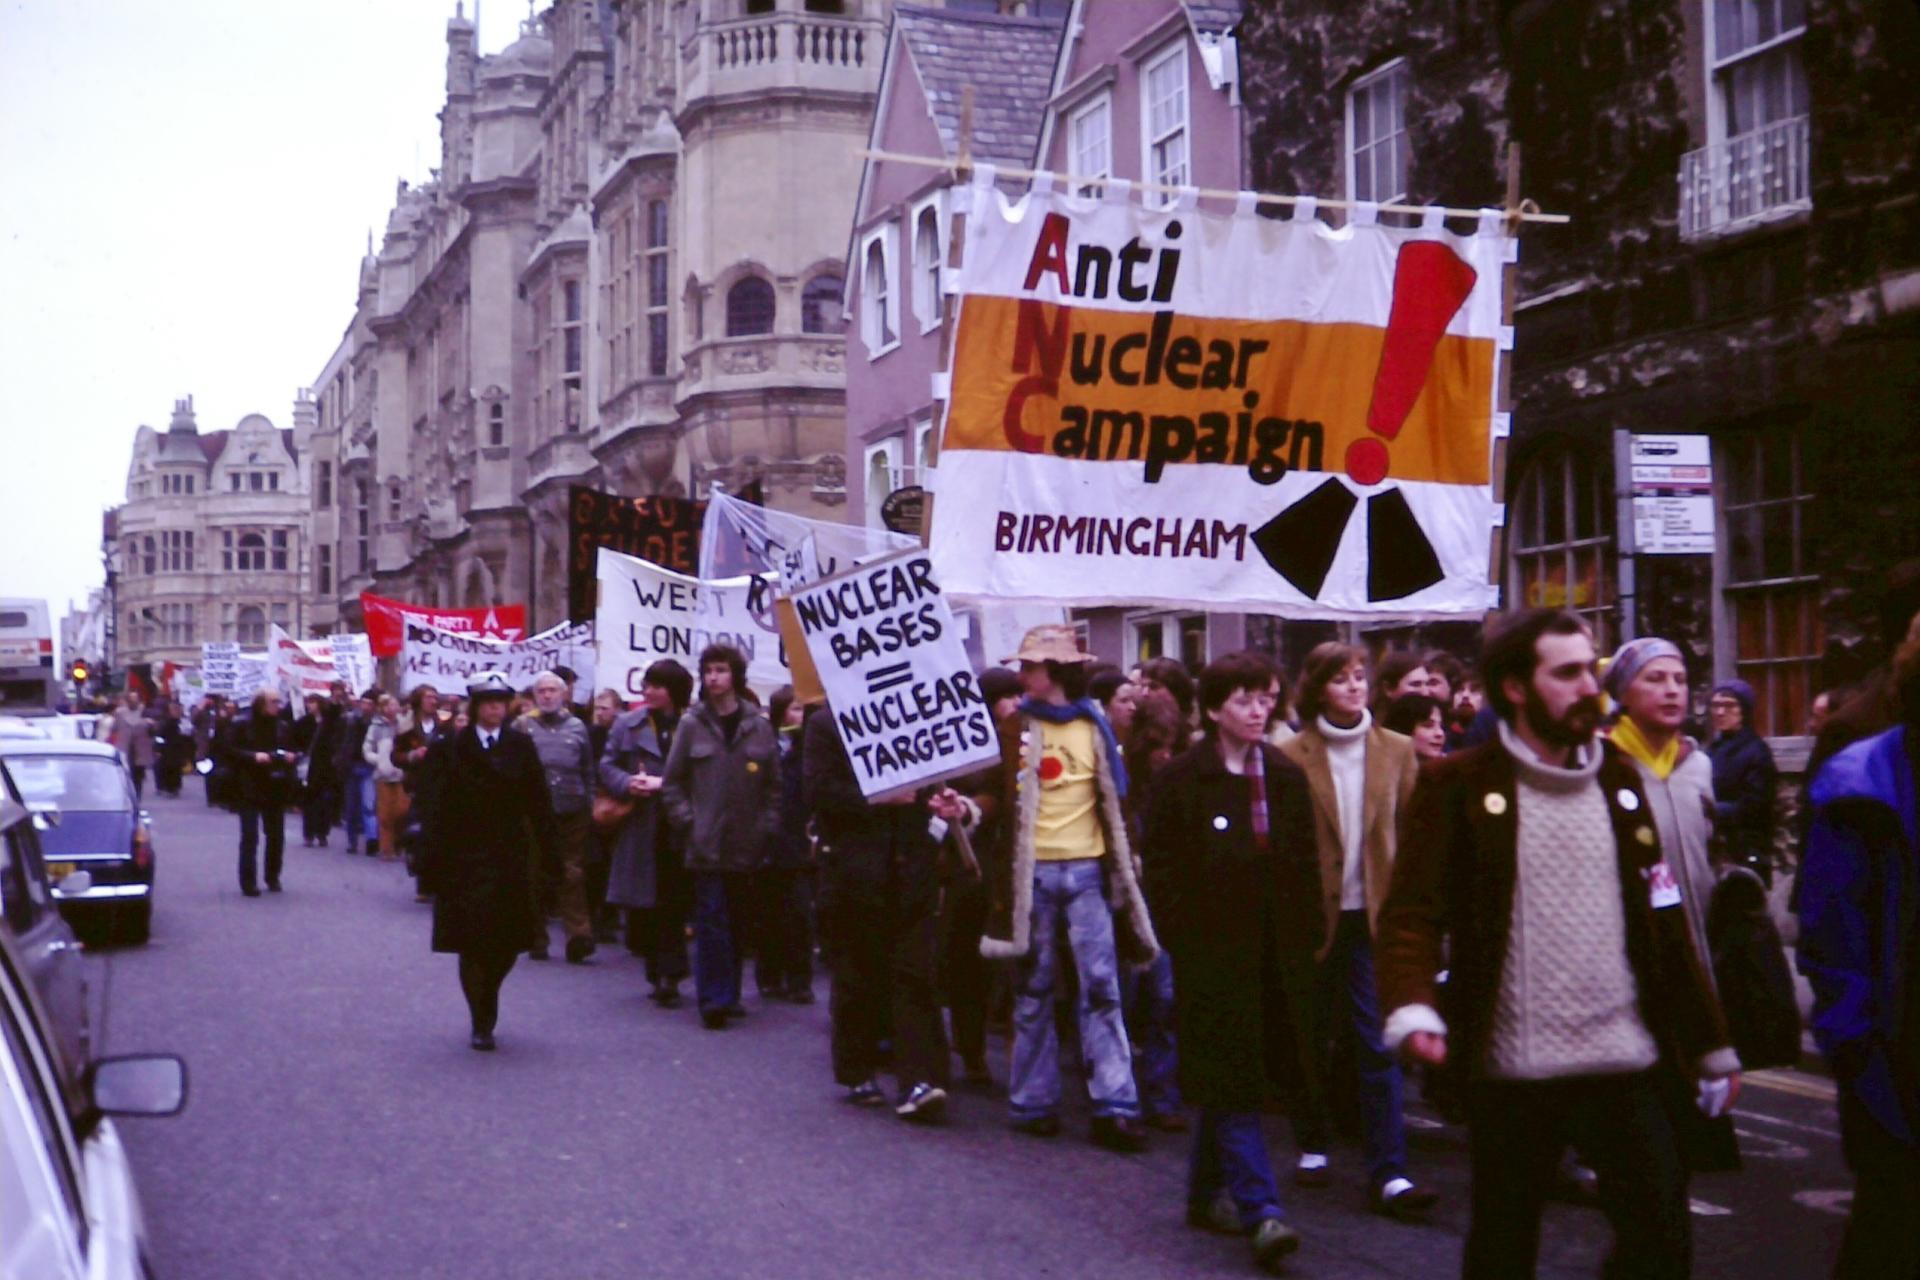 Berlində 500-dən çox aksiyaçı saxlanıldı